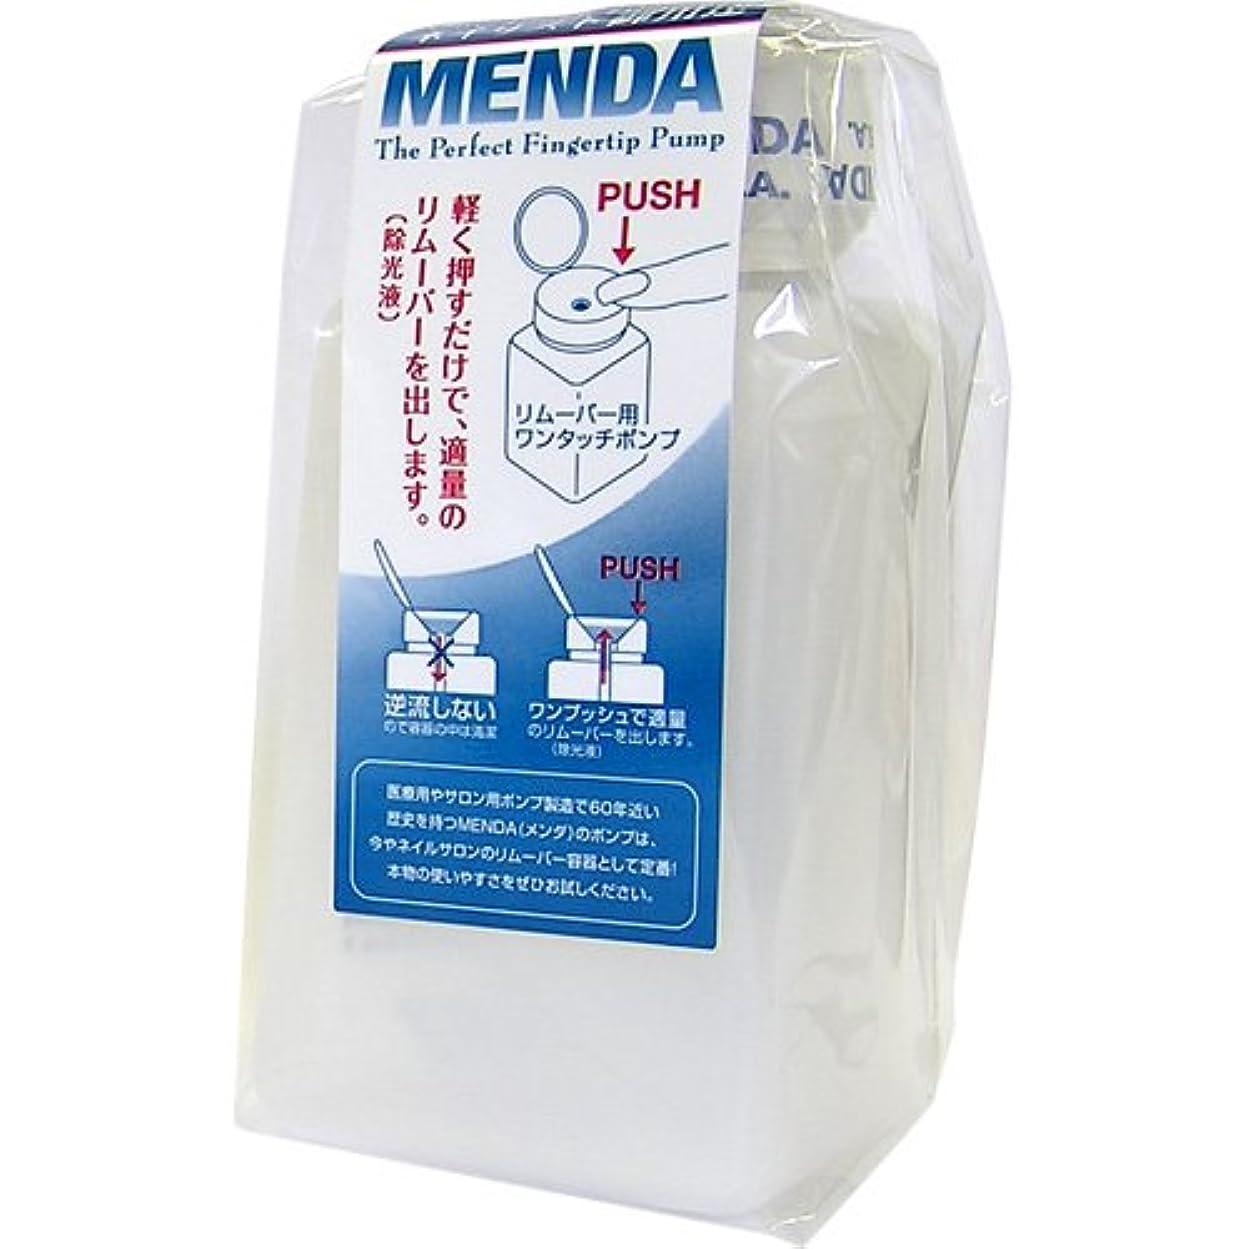 リフト認証乱用メンダ<MENDA>リムーバー用ワンタッチポンプ180ml(6oz)